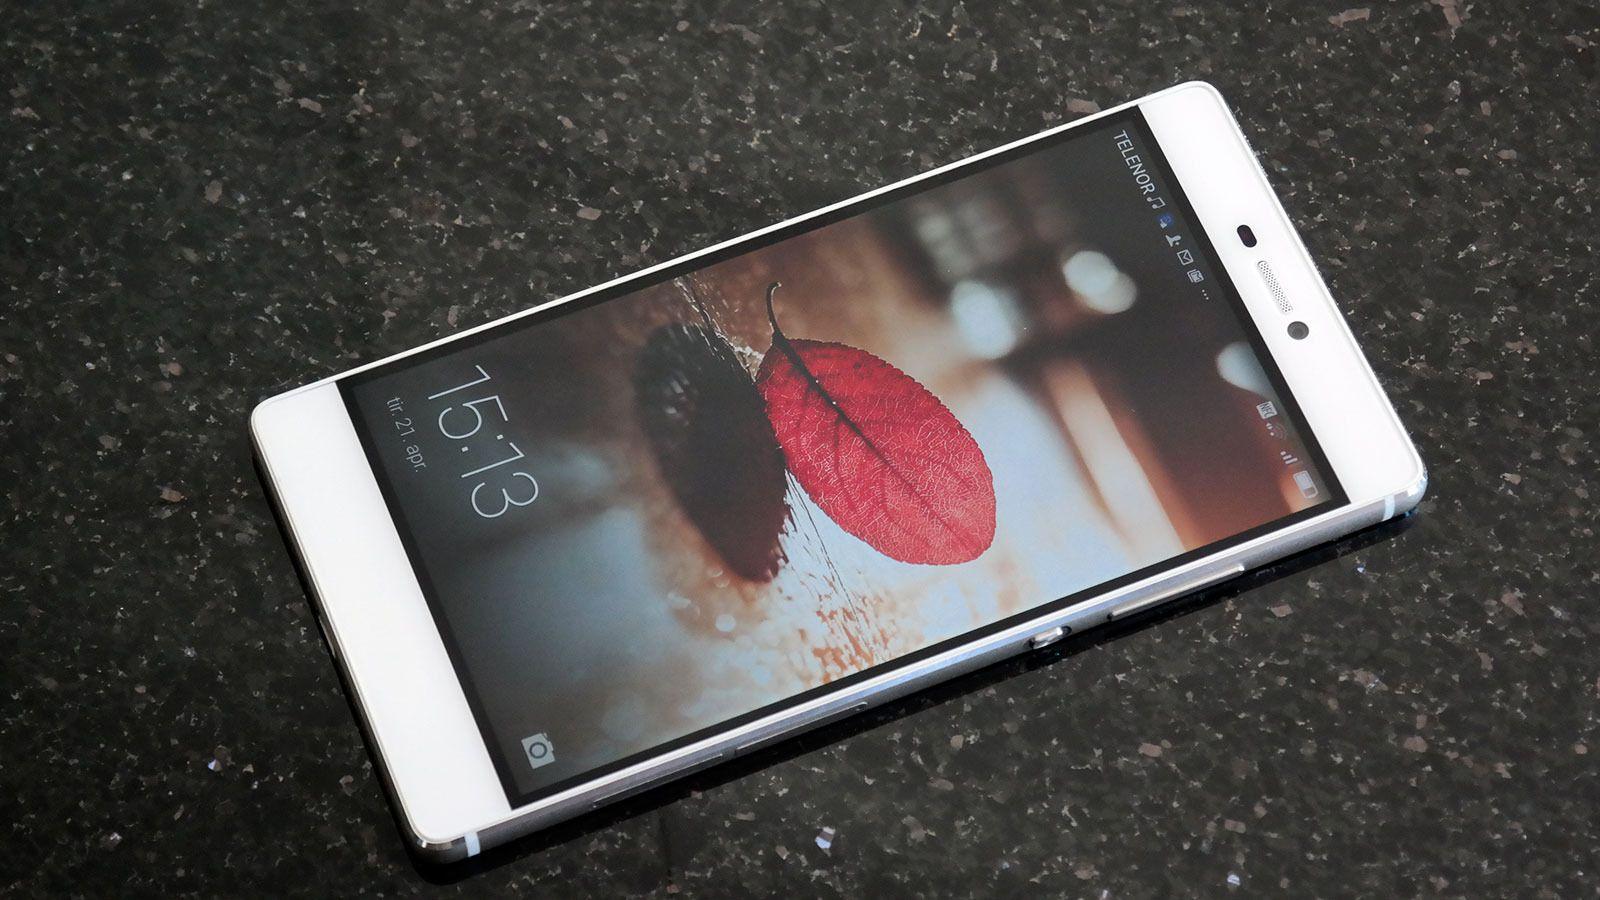 Det er ikke noe ved Huawei P8 som røper at denne er rimeligere enn konkurrentene. Foto: Espen Irwing Swang, Tek.no